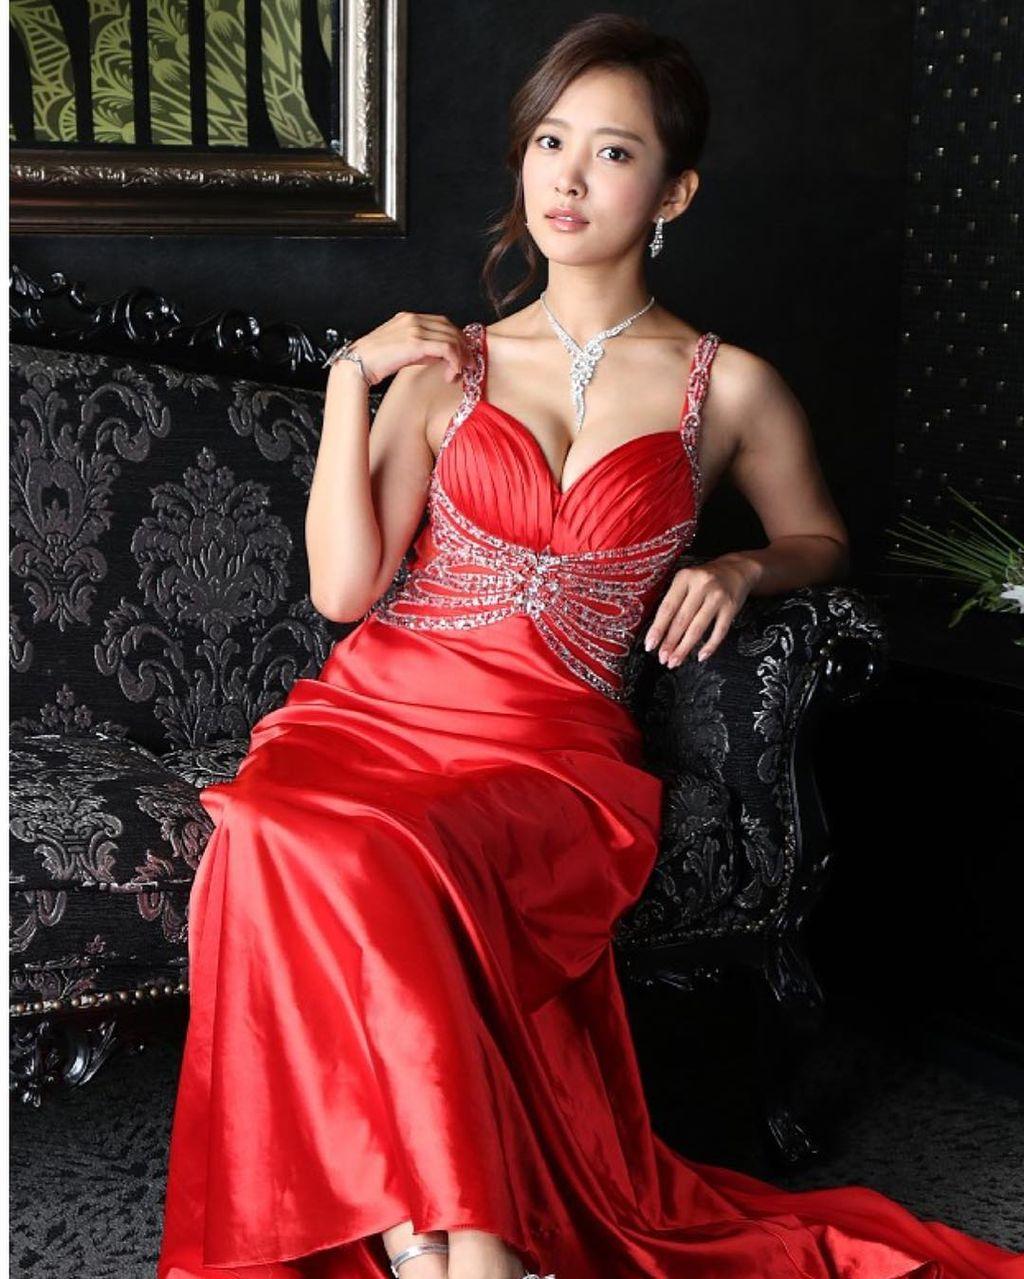 夏菜(28)きゃば嬢ドレス姿のFカップ谷間がぐうシコwwww(えろ写真)